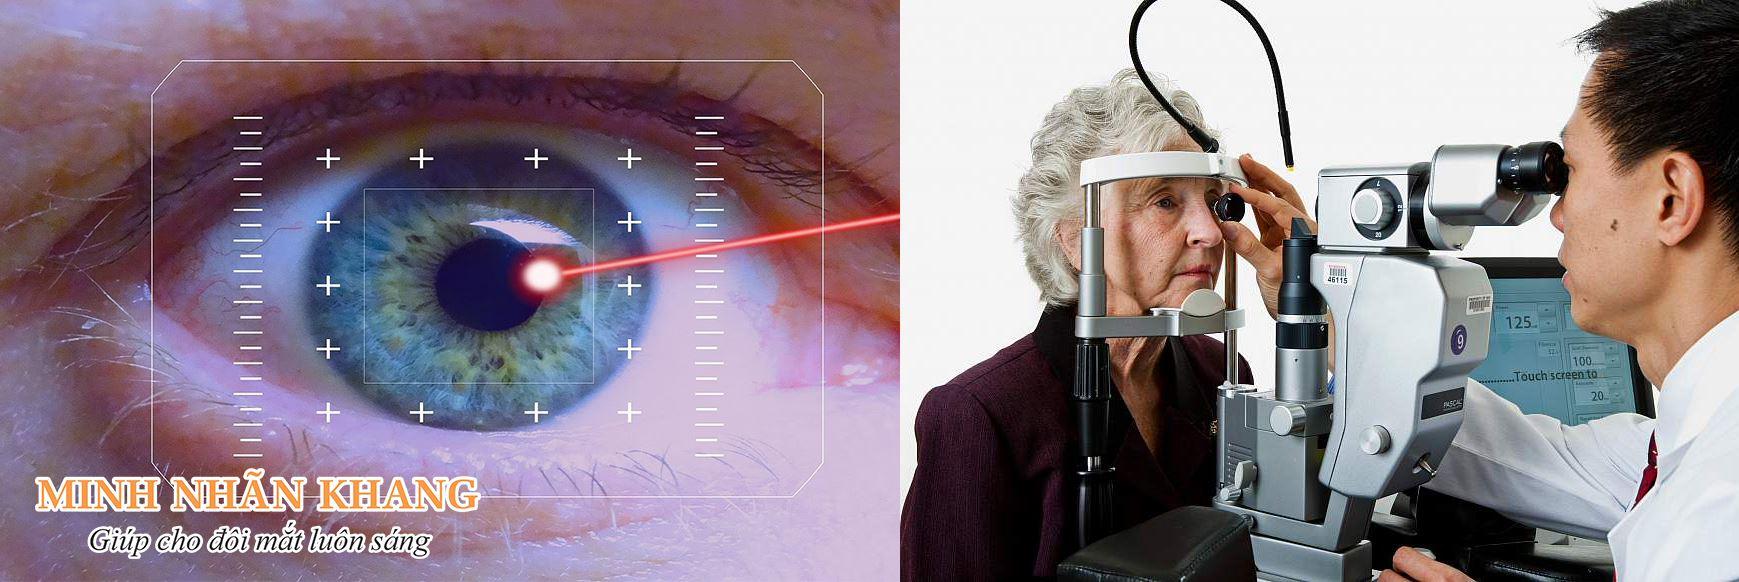 Đi khám ngay khi mắt bị mờ đột ngột là cách duy nhất để bảo vệ thị lực